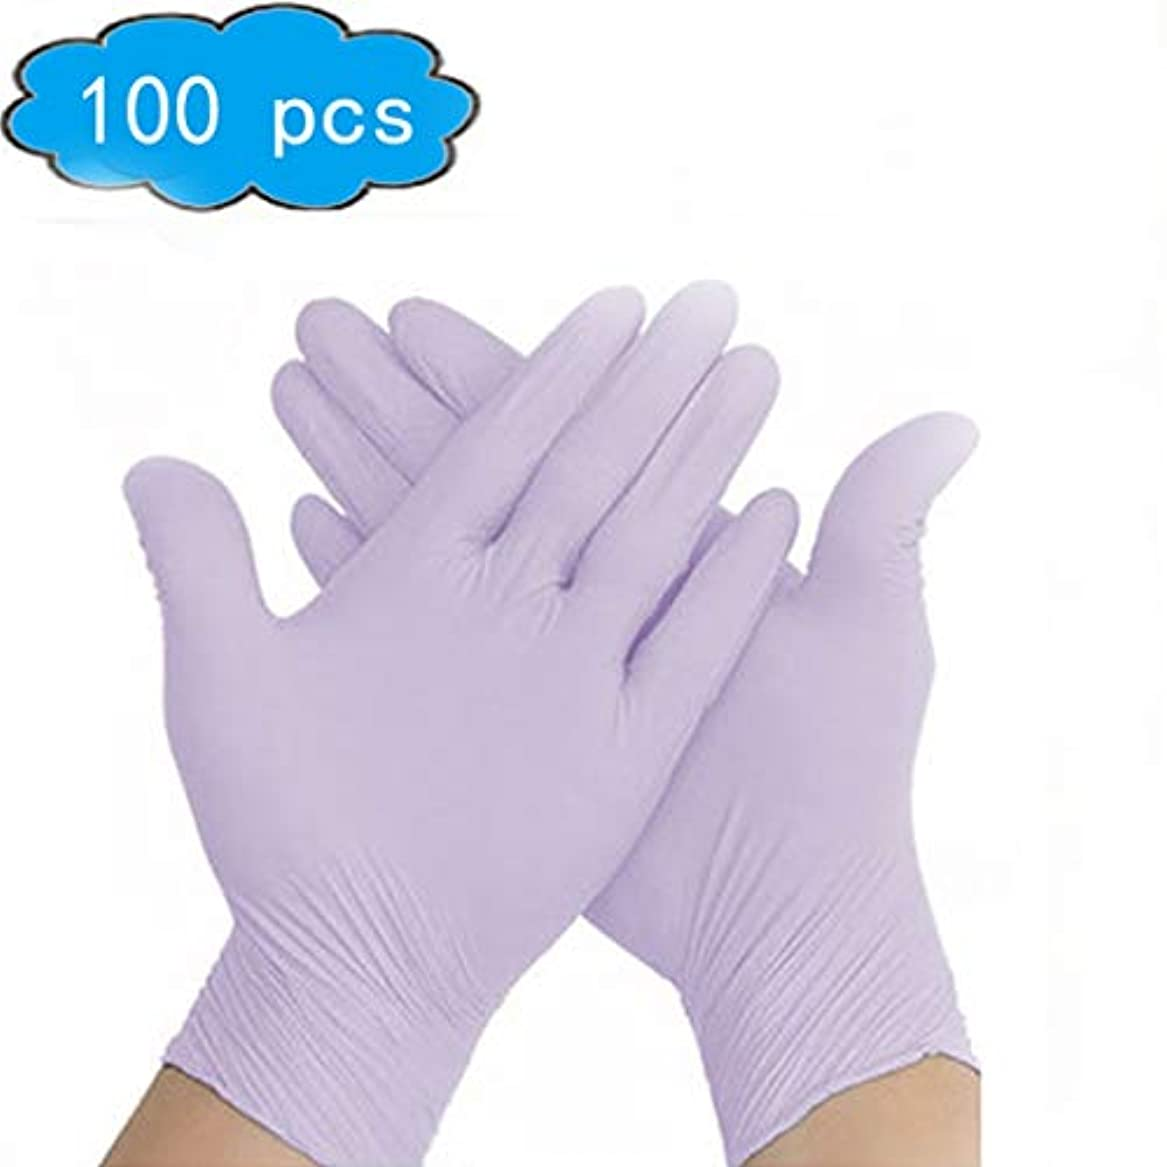 信じられない野な土曜日ニトリル手袋 - 医療用グレード、パウダーフリー、使い捨て、非滅菌、食品安全、テクスチャード加工、紫色、便利なディスペンサーパッケージ100、中サイズ、サニタリー手袋 (Color : Purple, Size : L)